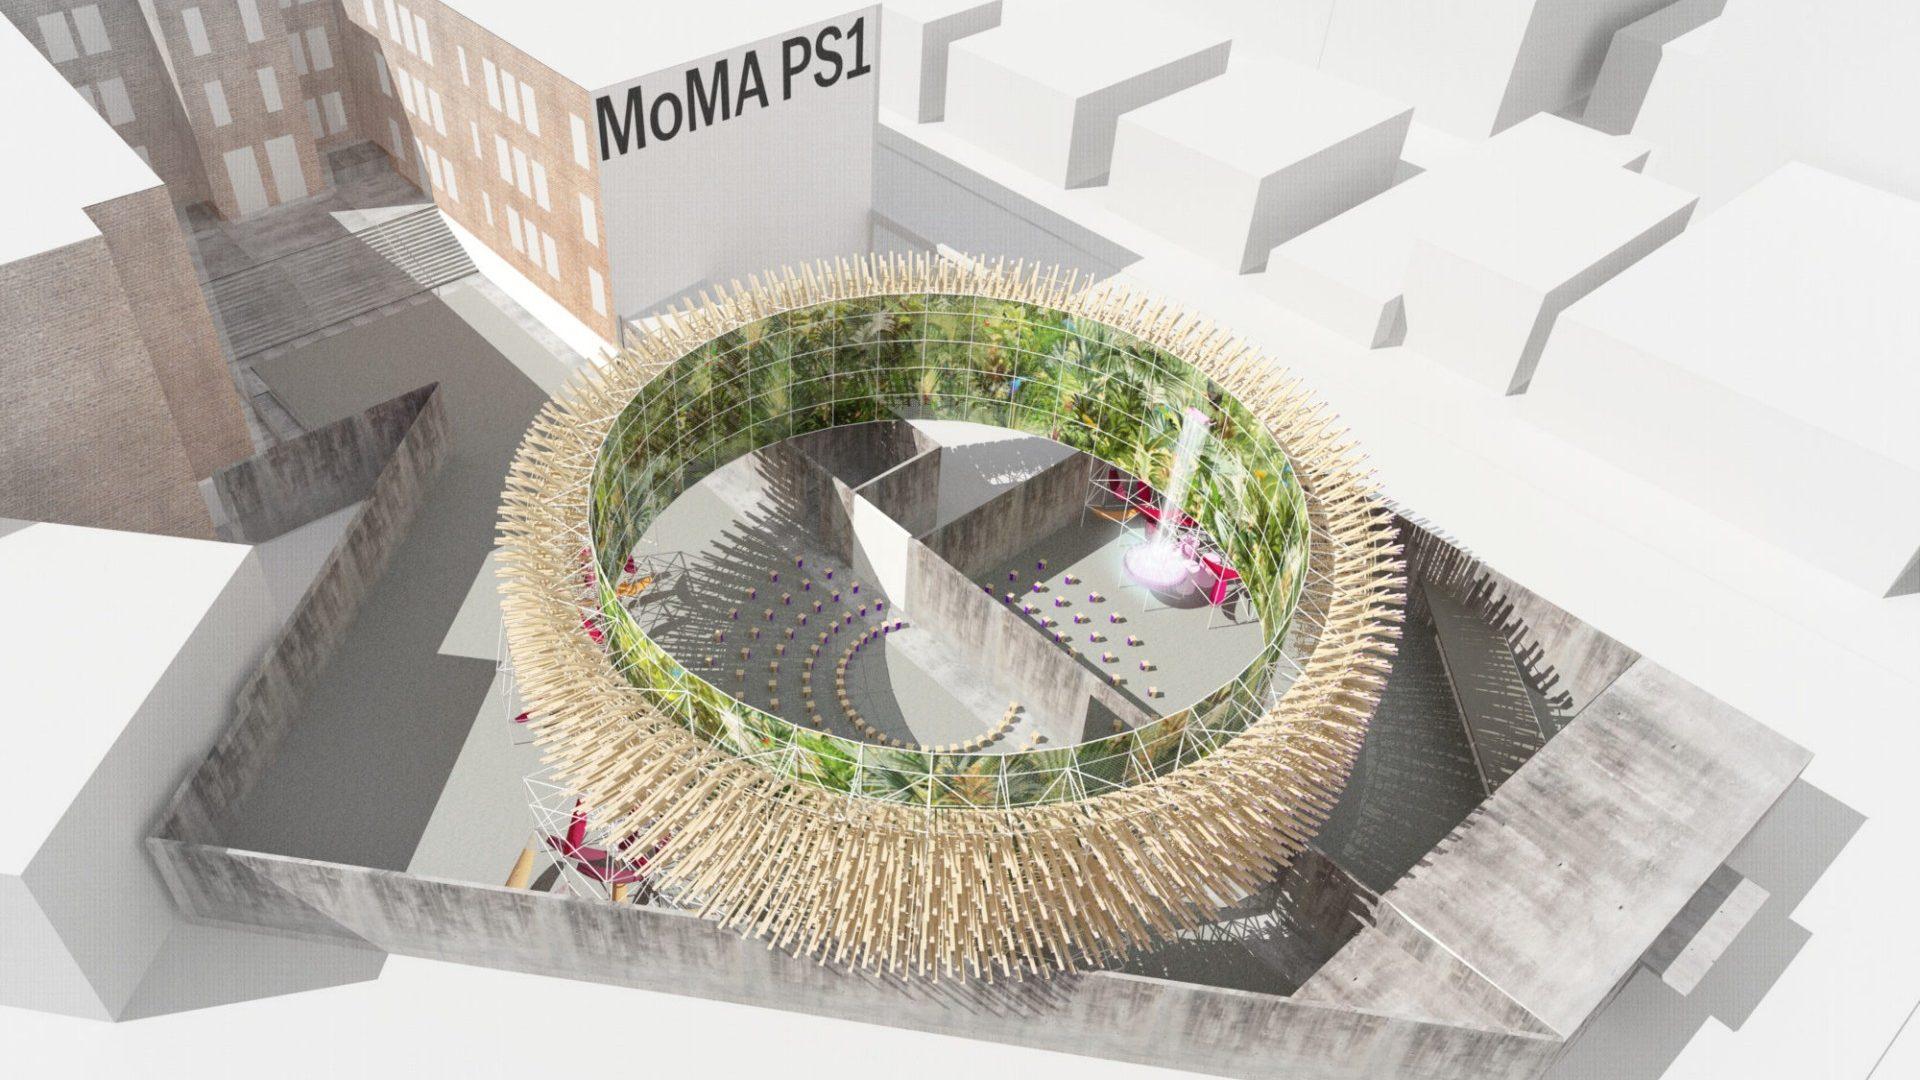 Conoce al despacho mexicano que transformará el MoMA en una selva